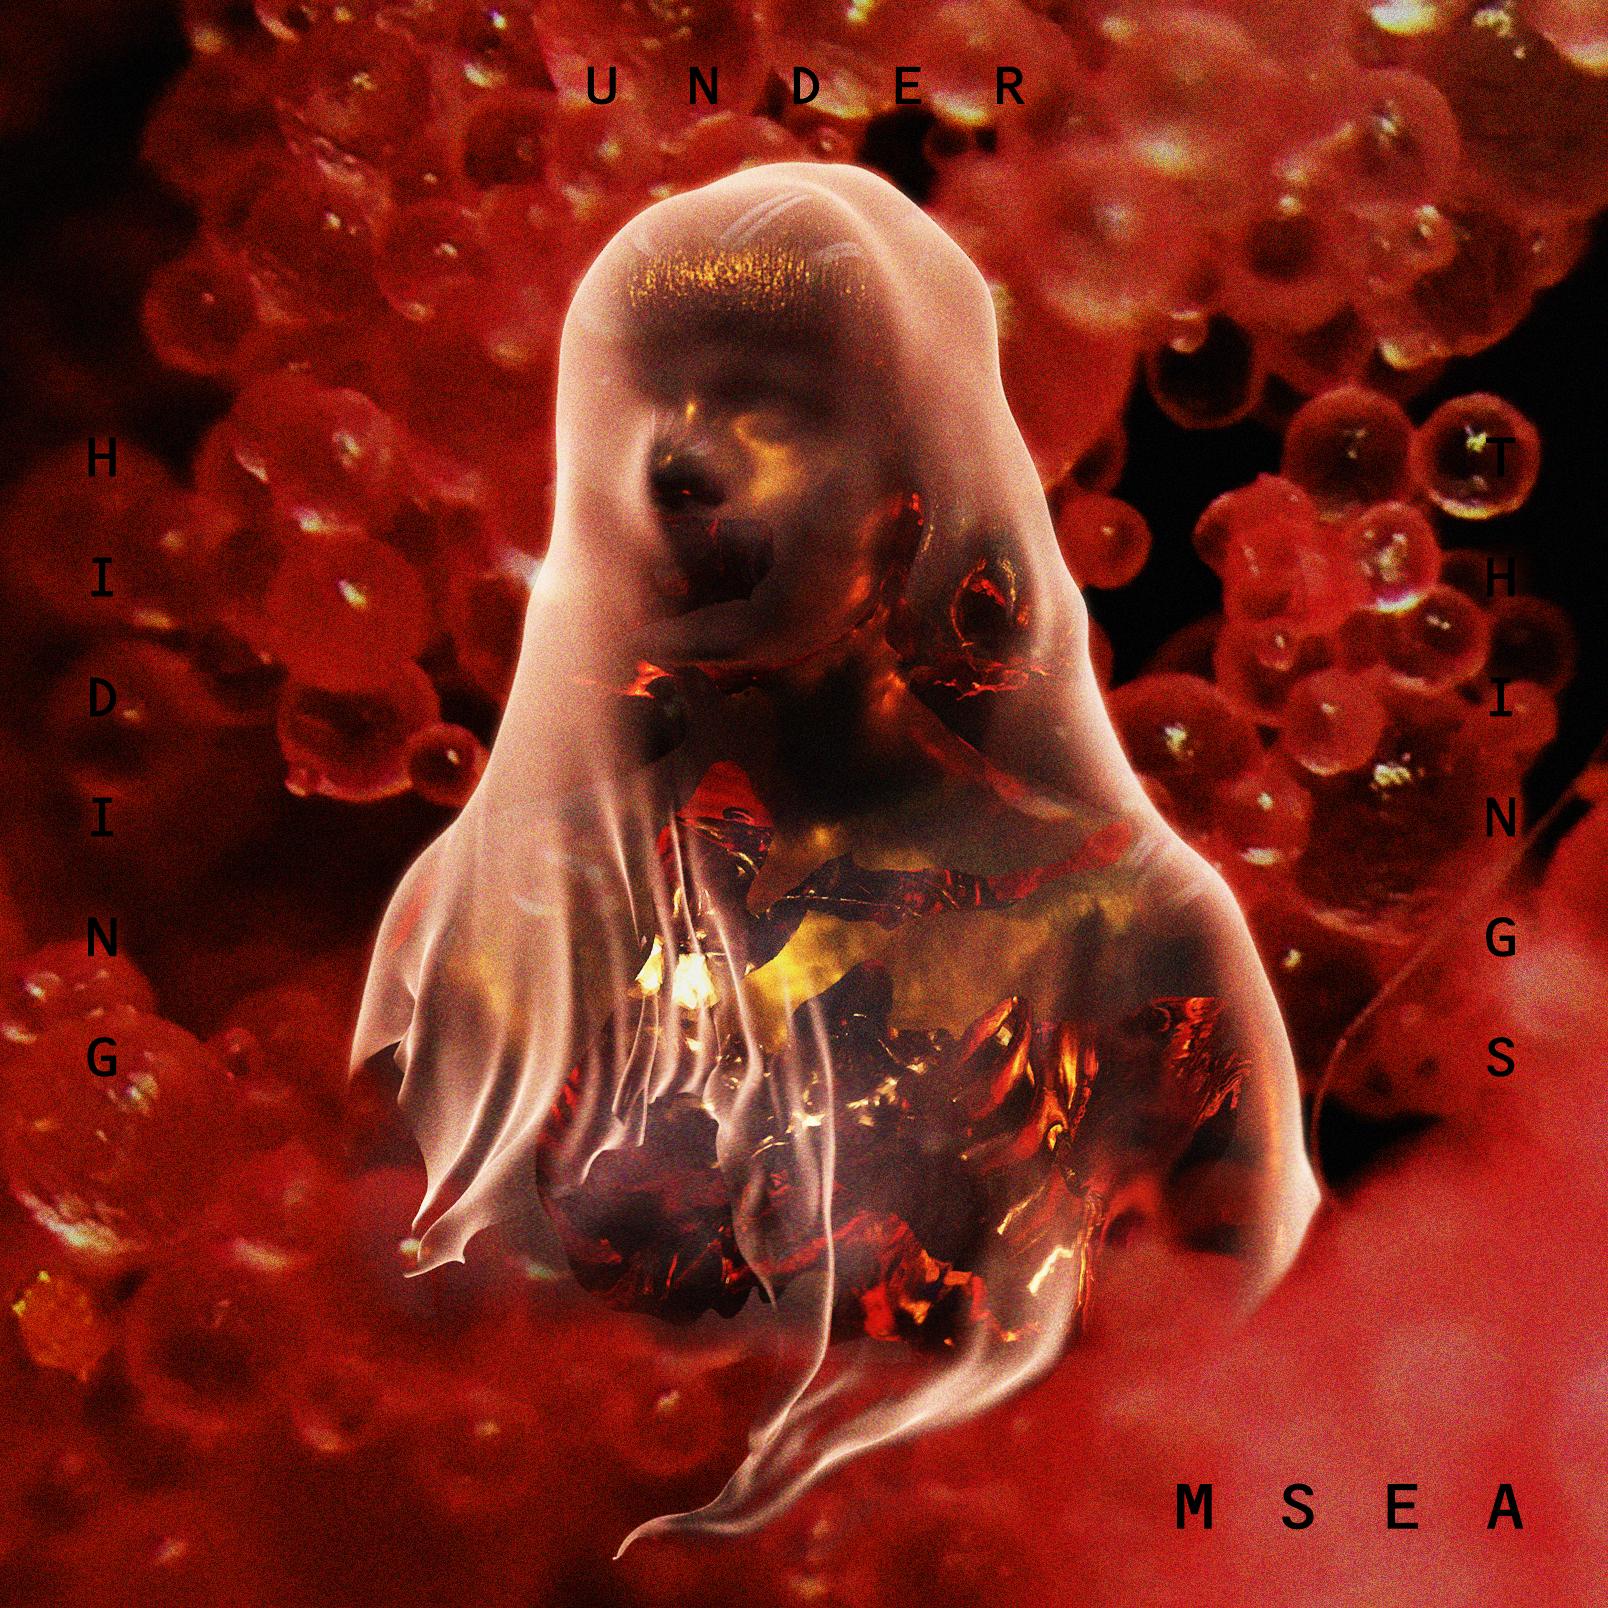 MSEA_HIDING UNDER THINGS_EP COVER.jpg